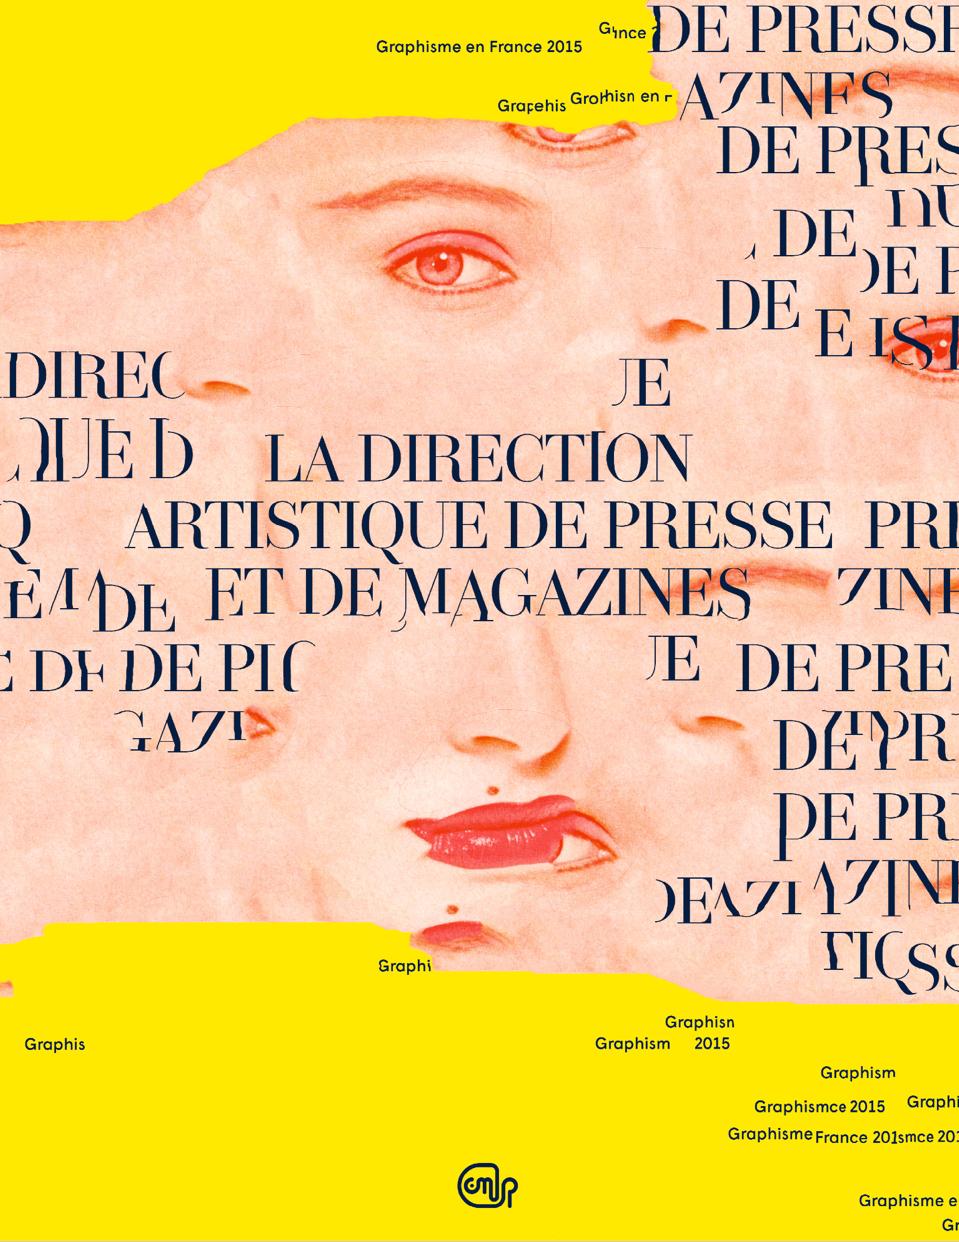 Graphisme en France 2015